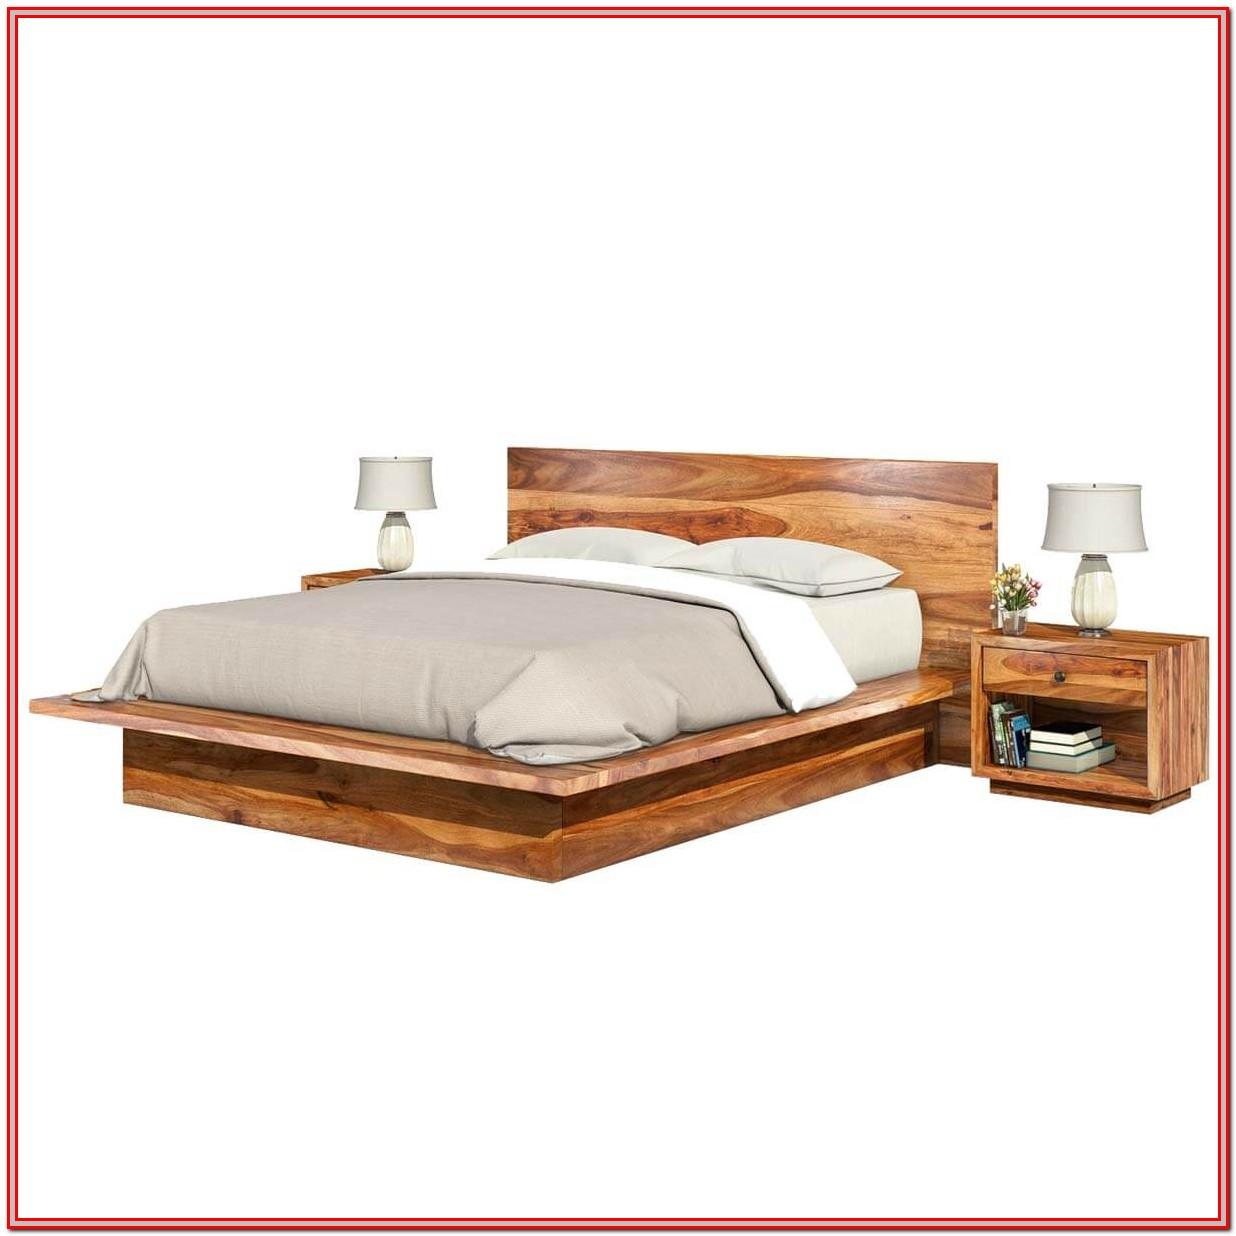 King Size Platform Bed Frame Dimensions